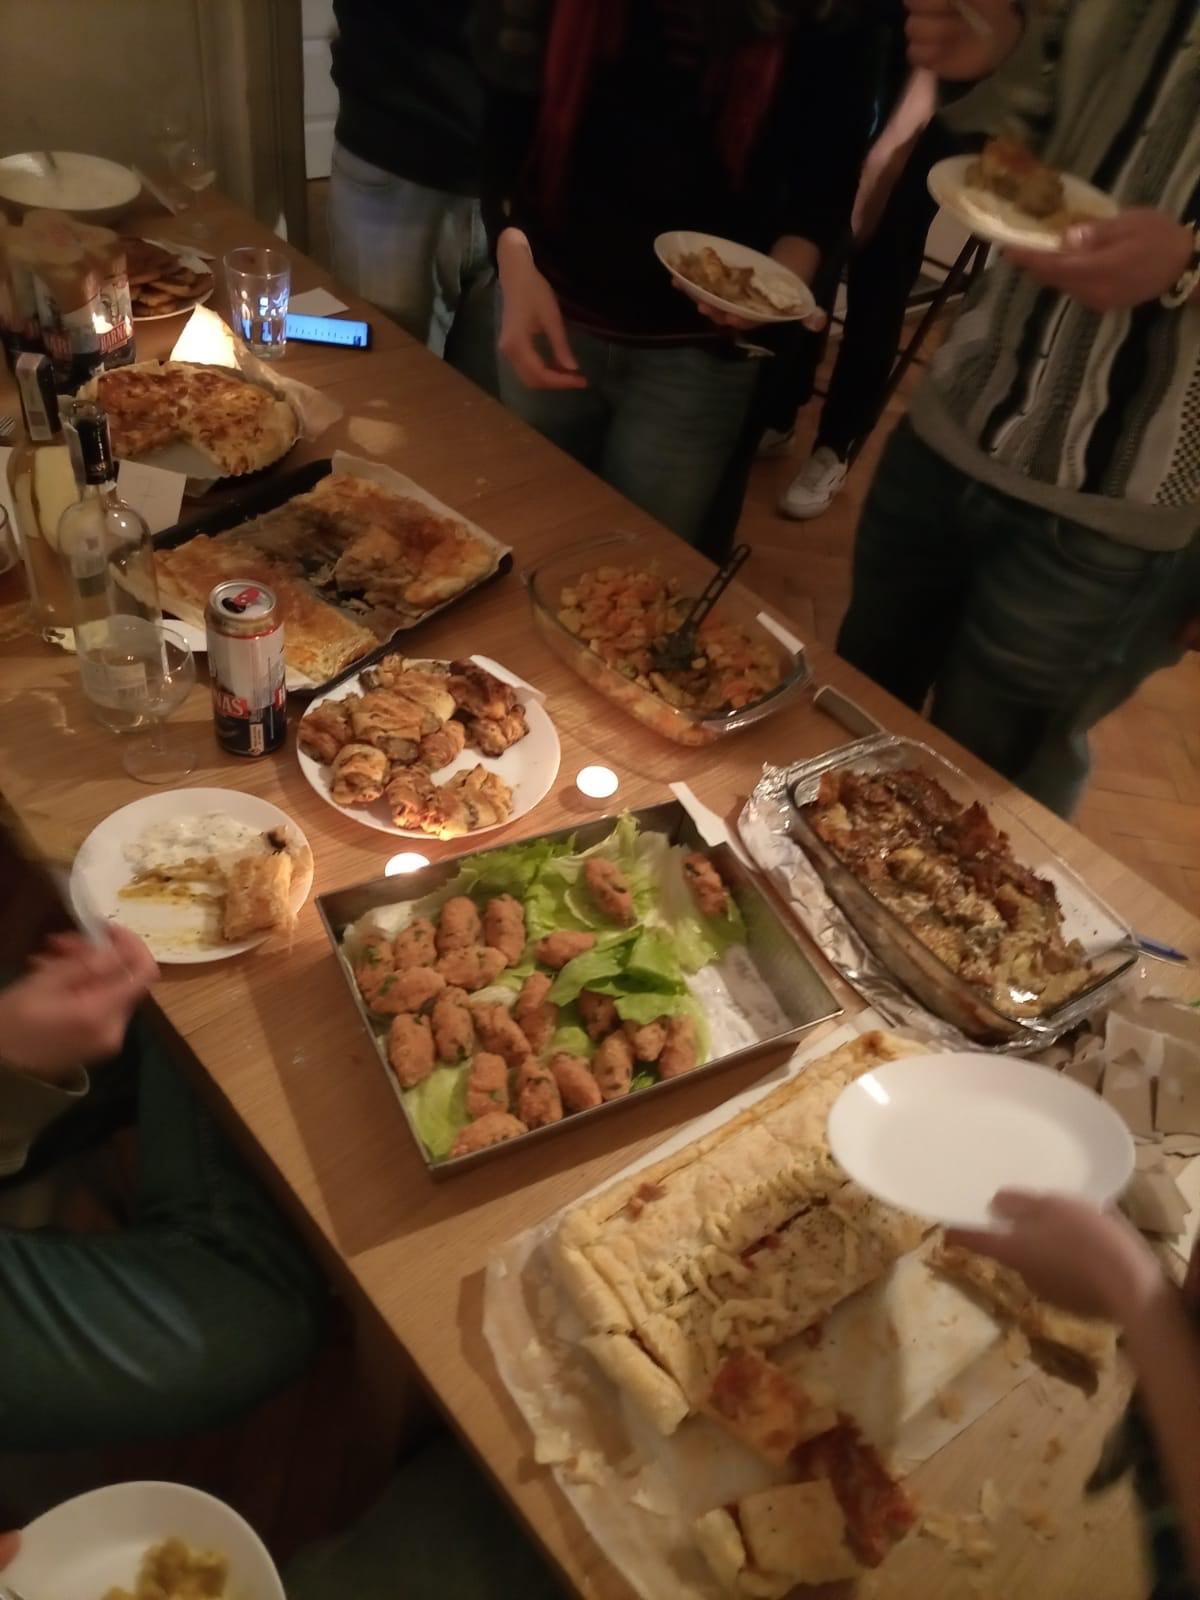 Ekologiczne wyzwanie wolontariuszy Europejskiego Korpusu Solidarności - na zdjęciu podsumowanie wegetariańskiego tygodnia - wege kolacja, którą przygotowali uczestnicy z różnych krajów